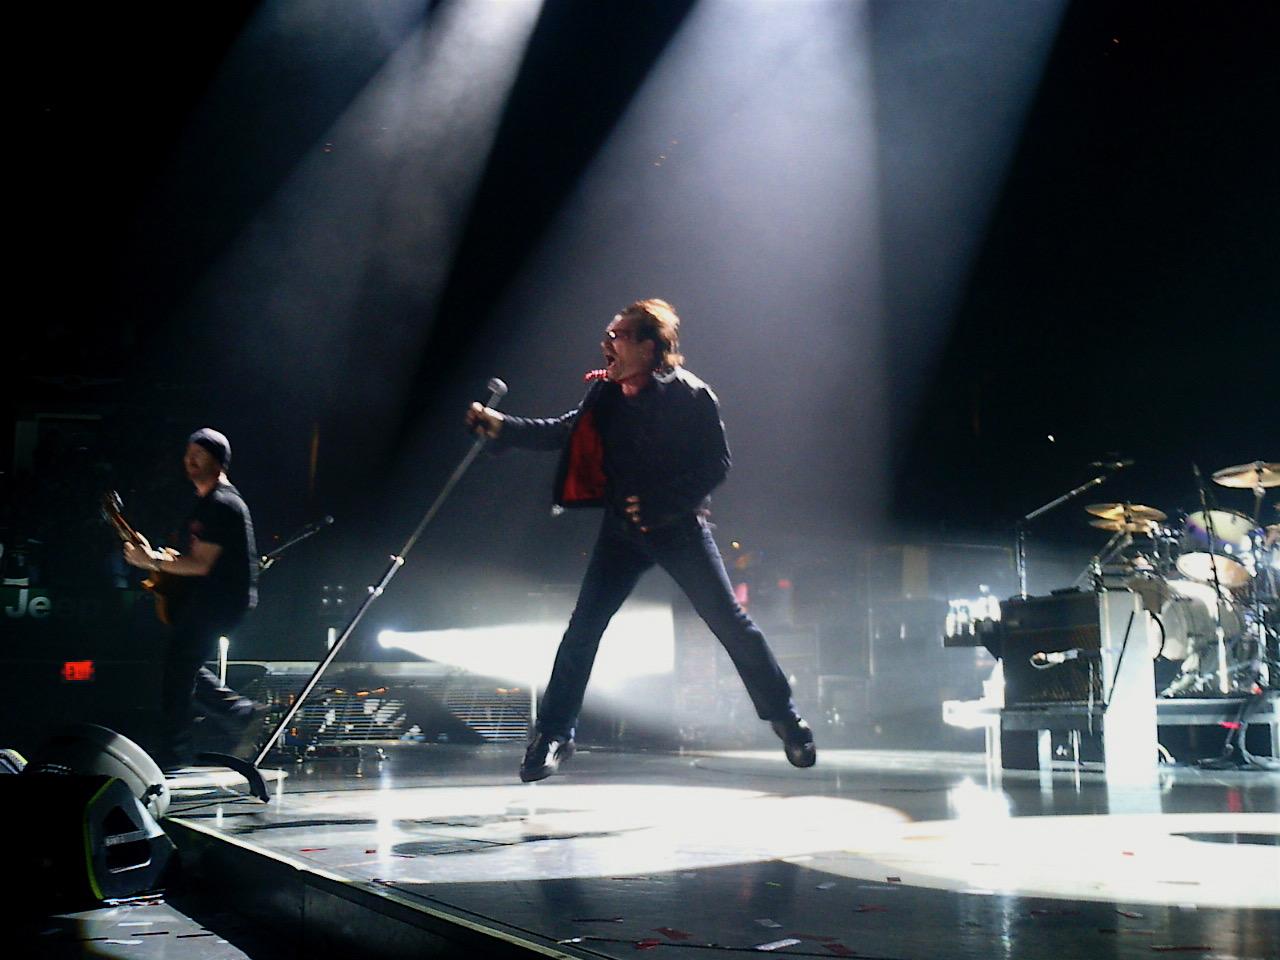 Bono on U2's Vertigo tour